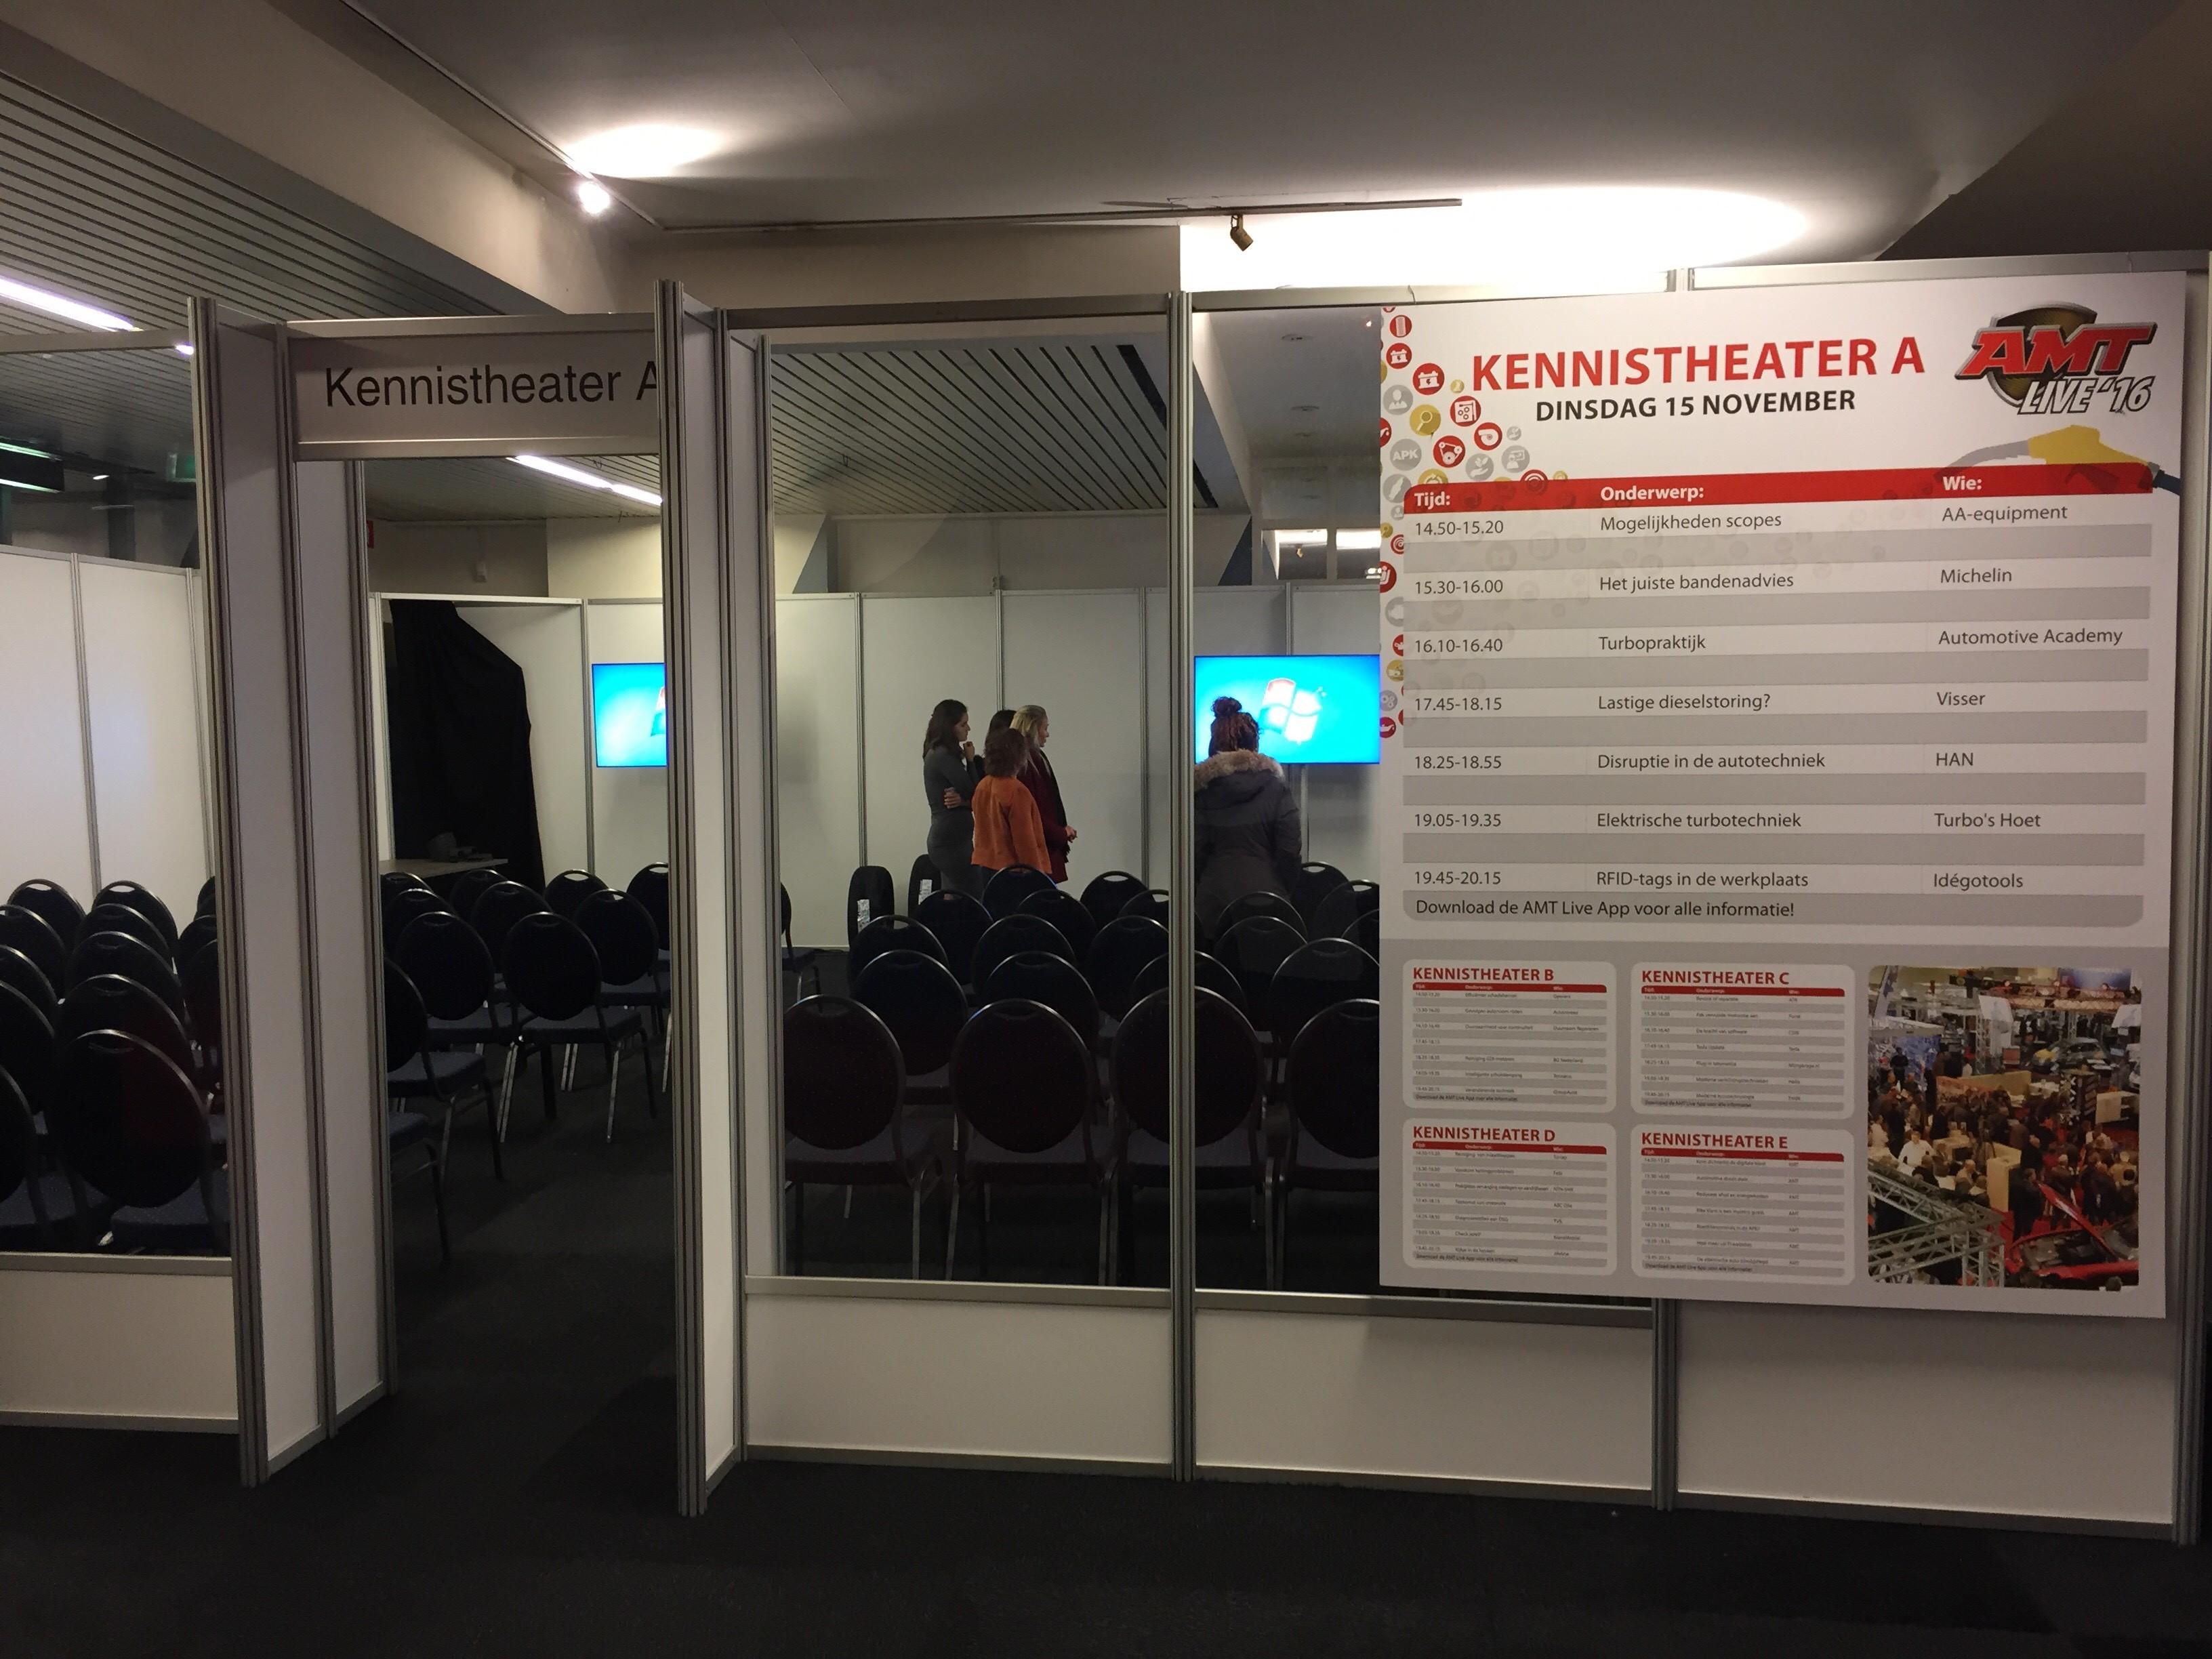 Kennistheater A is een van de vijf theaters waar je kennissessies kan volgen.